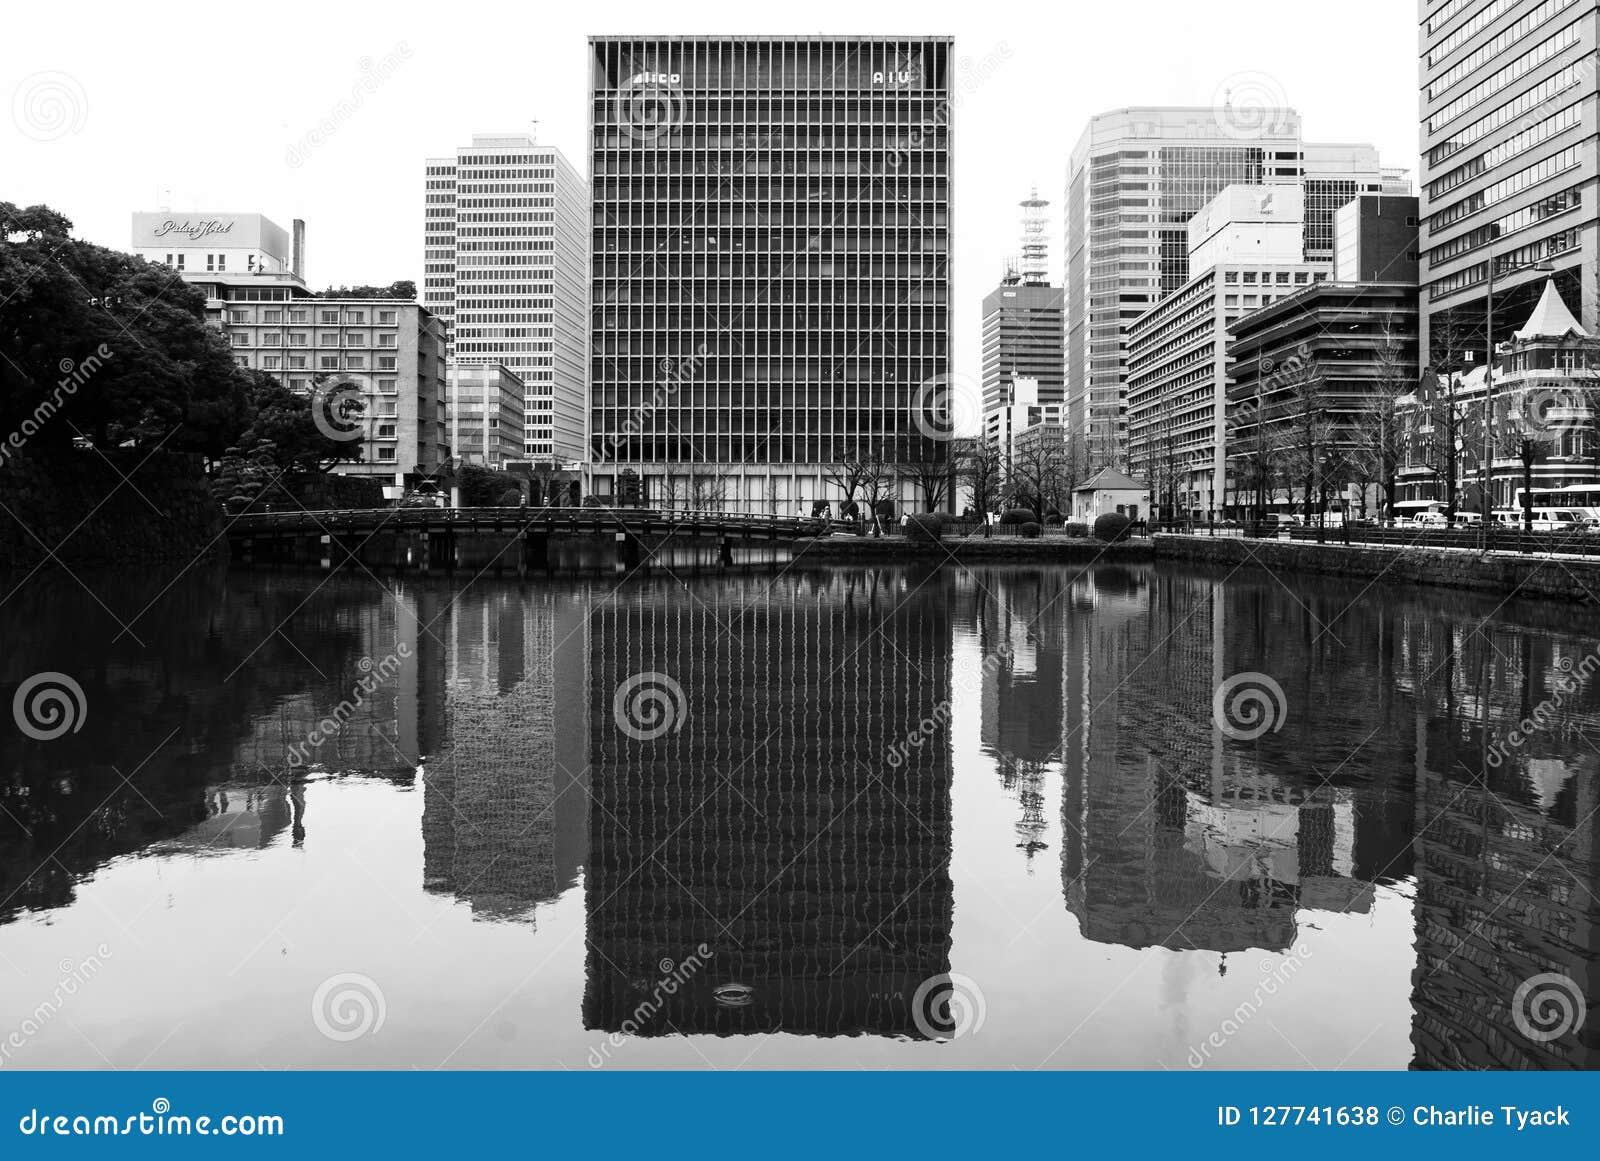 Bloco de escritório do arranha-céus do Tóquio - preto e branco